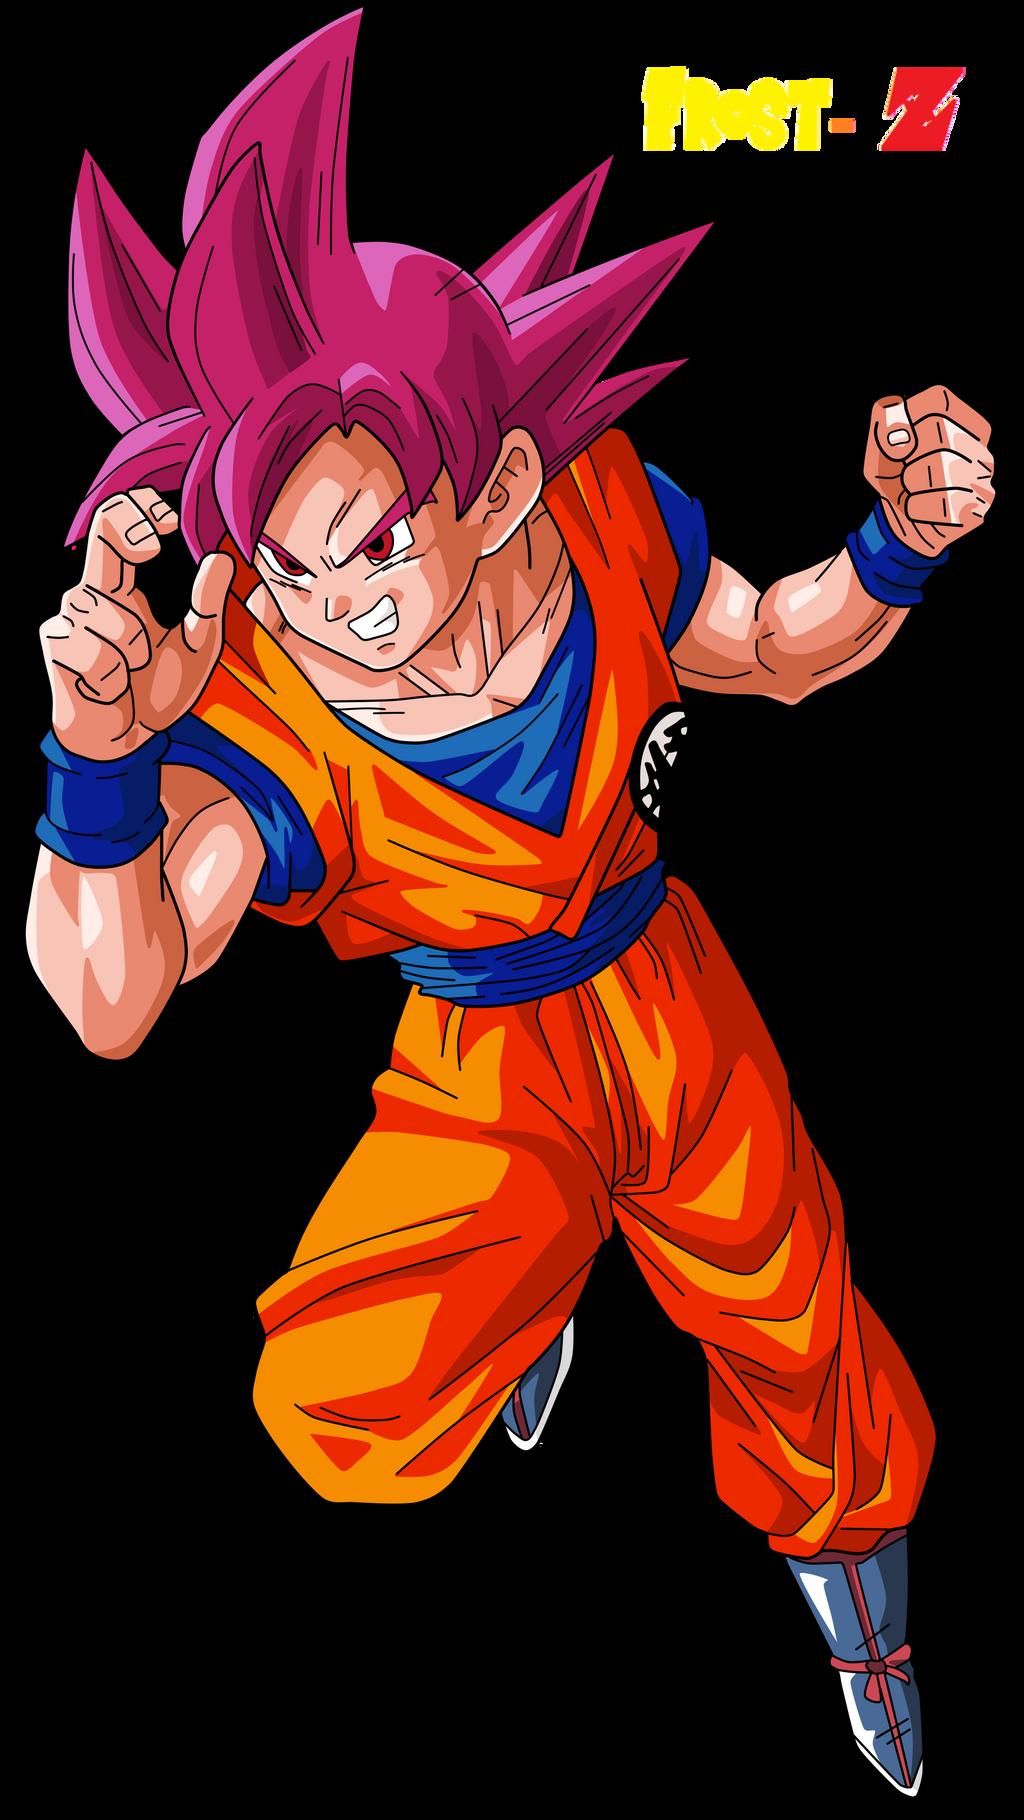 Goku vs cell kamehameha latino dating 5